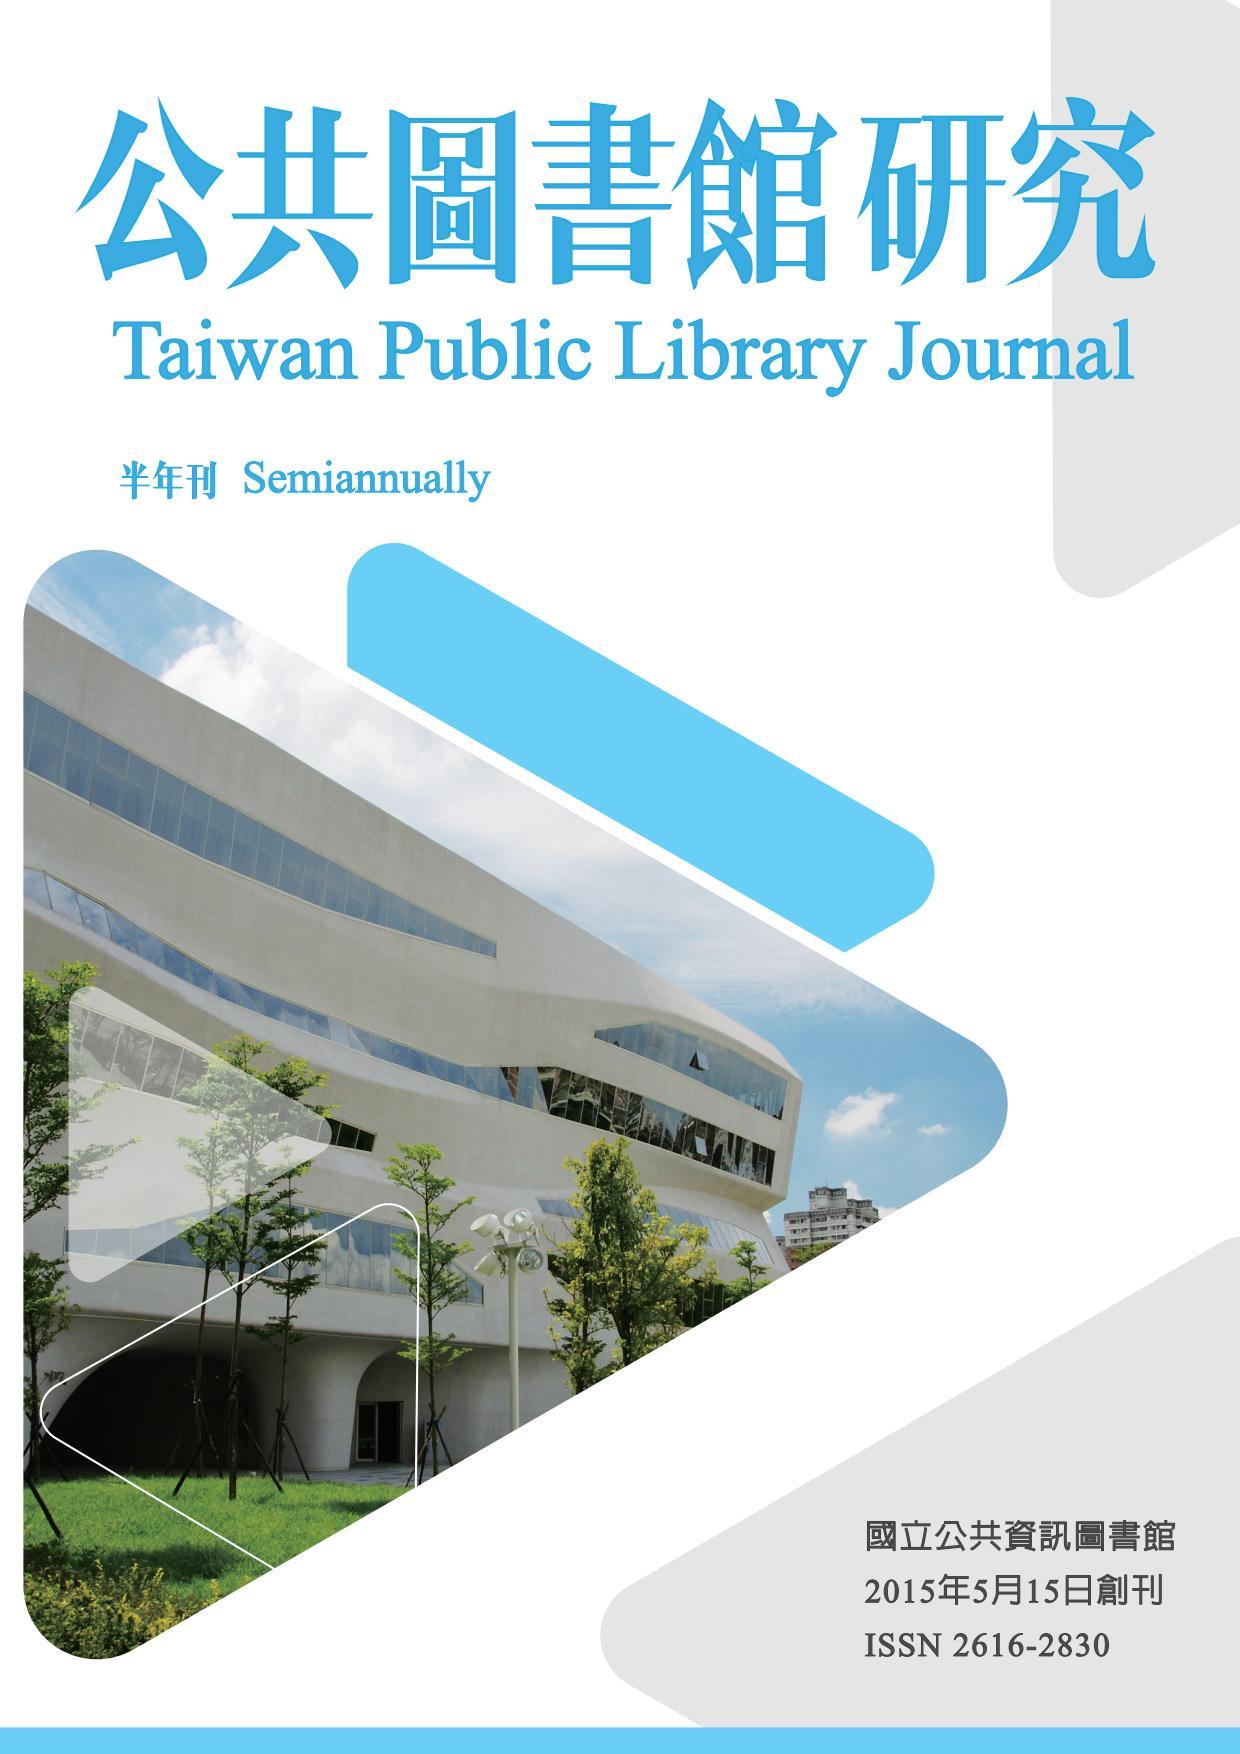 《公共圖書館研究》第8期(2018.11.15)全文